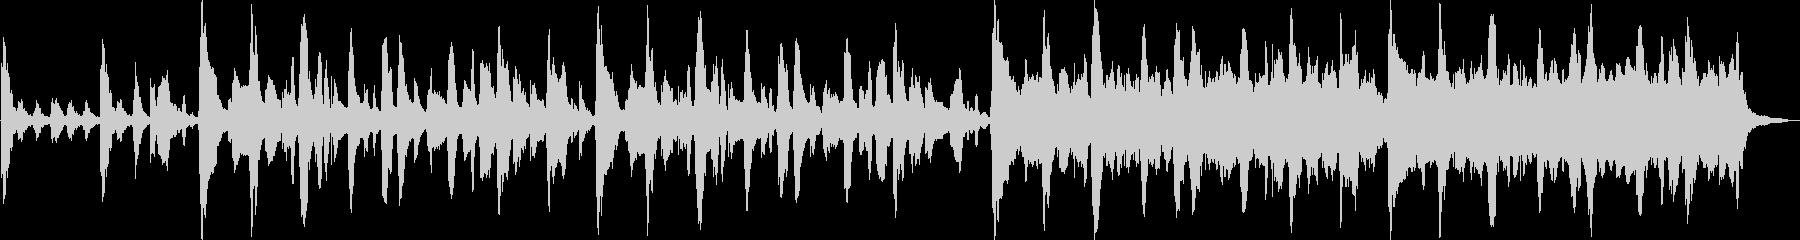 ヨーロッパ風アコーディオンワルツの未再生の波形